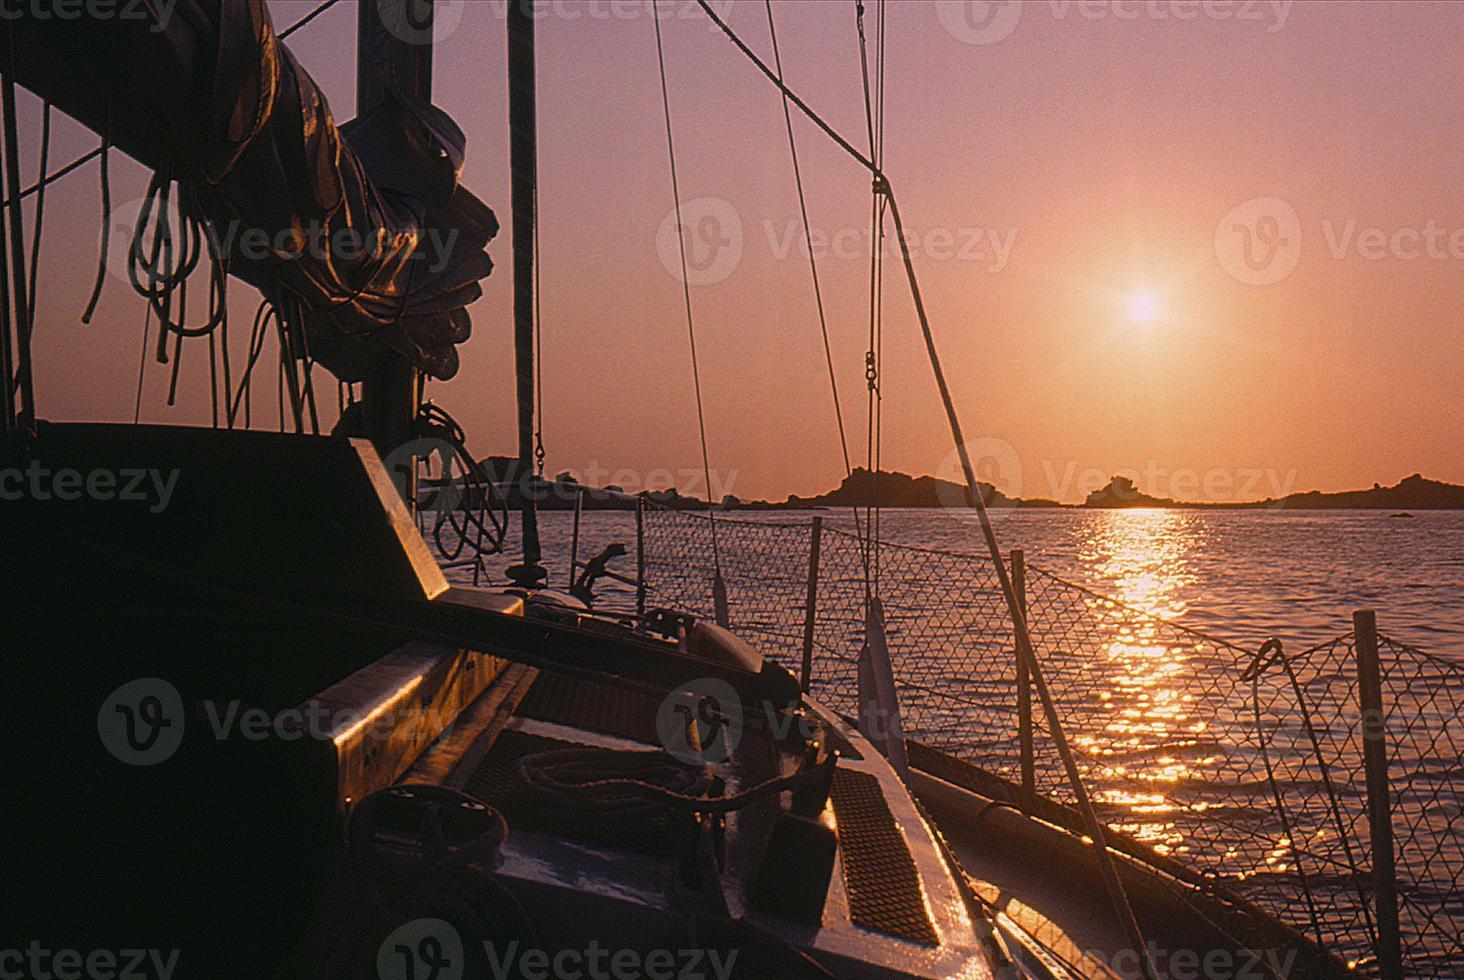 coucher de soleil sur een voilier au mouillage foto